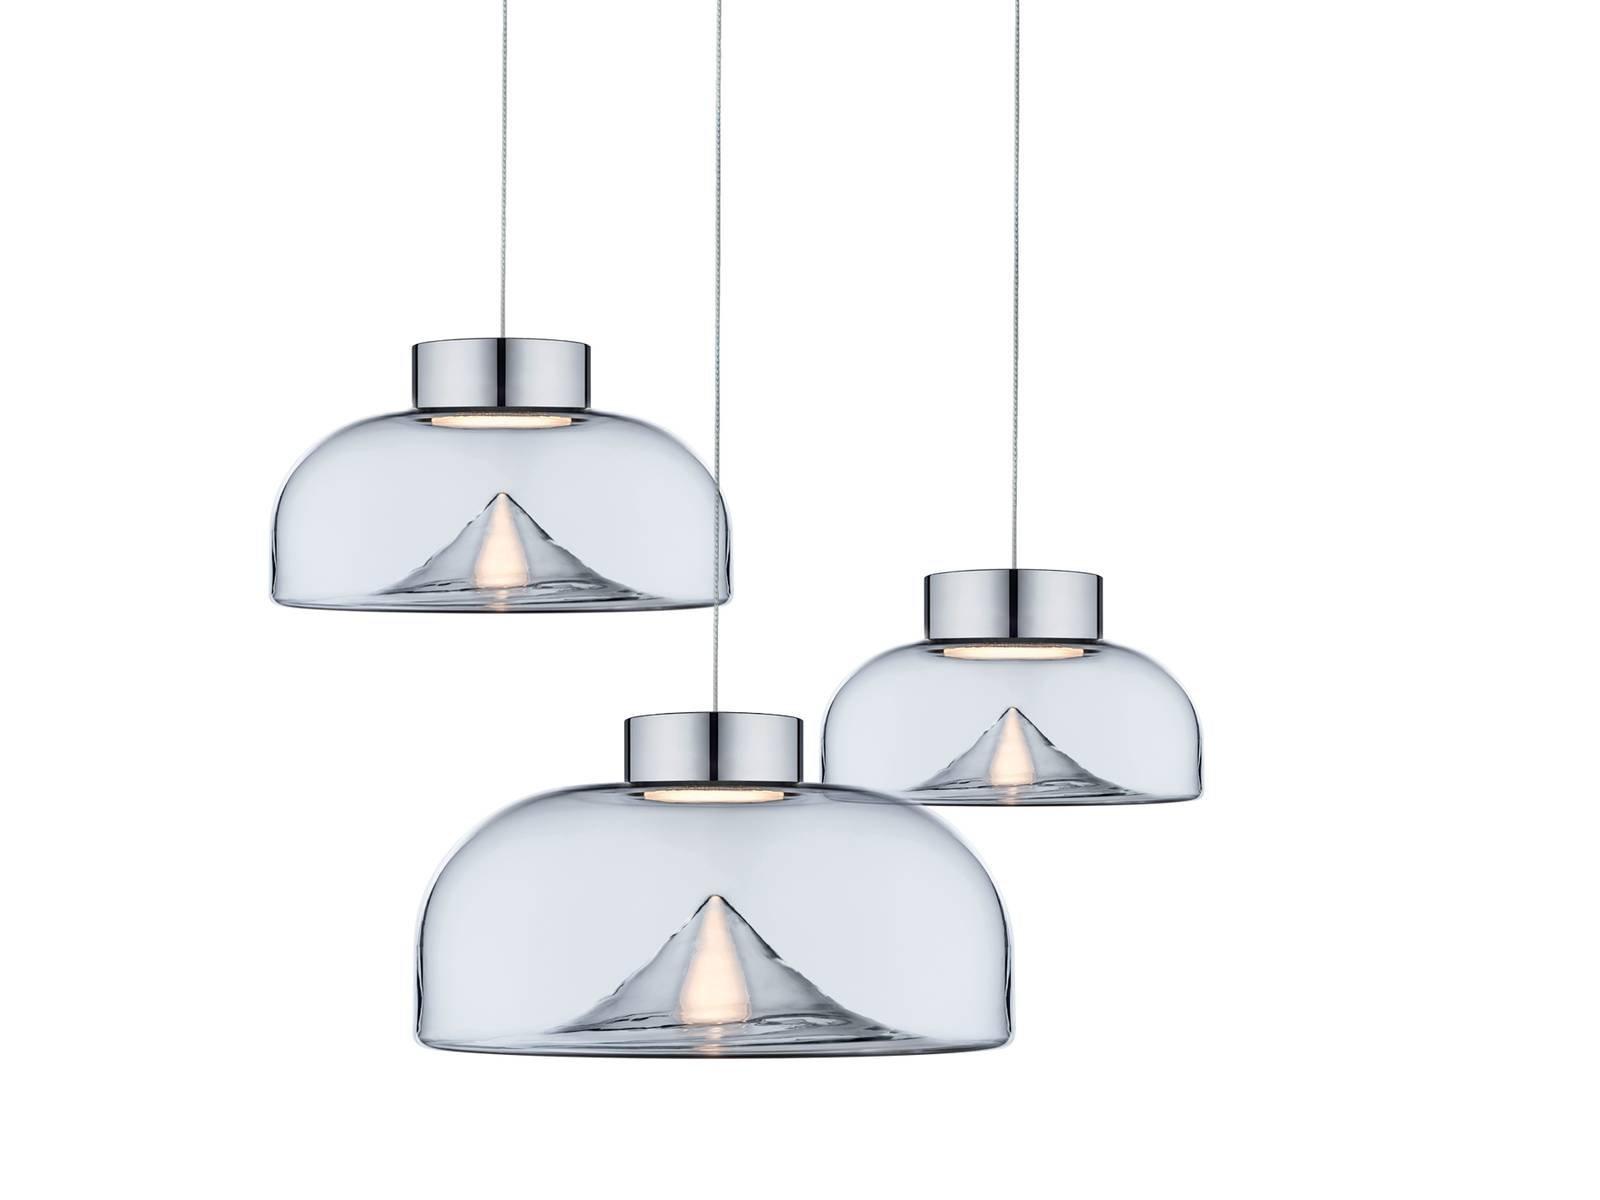 Lampade Sospensione A Grappolo euroluce 2017: lampadari a sospensione - cose di casa